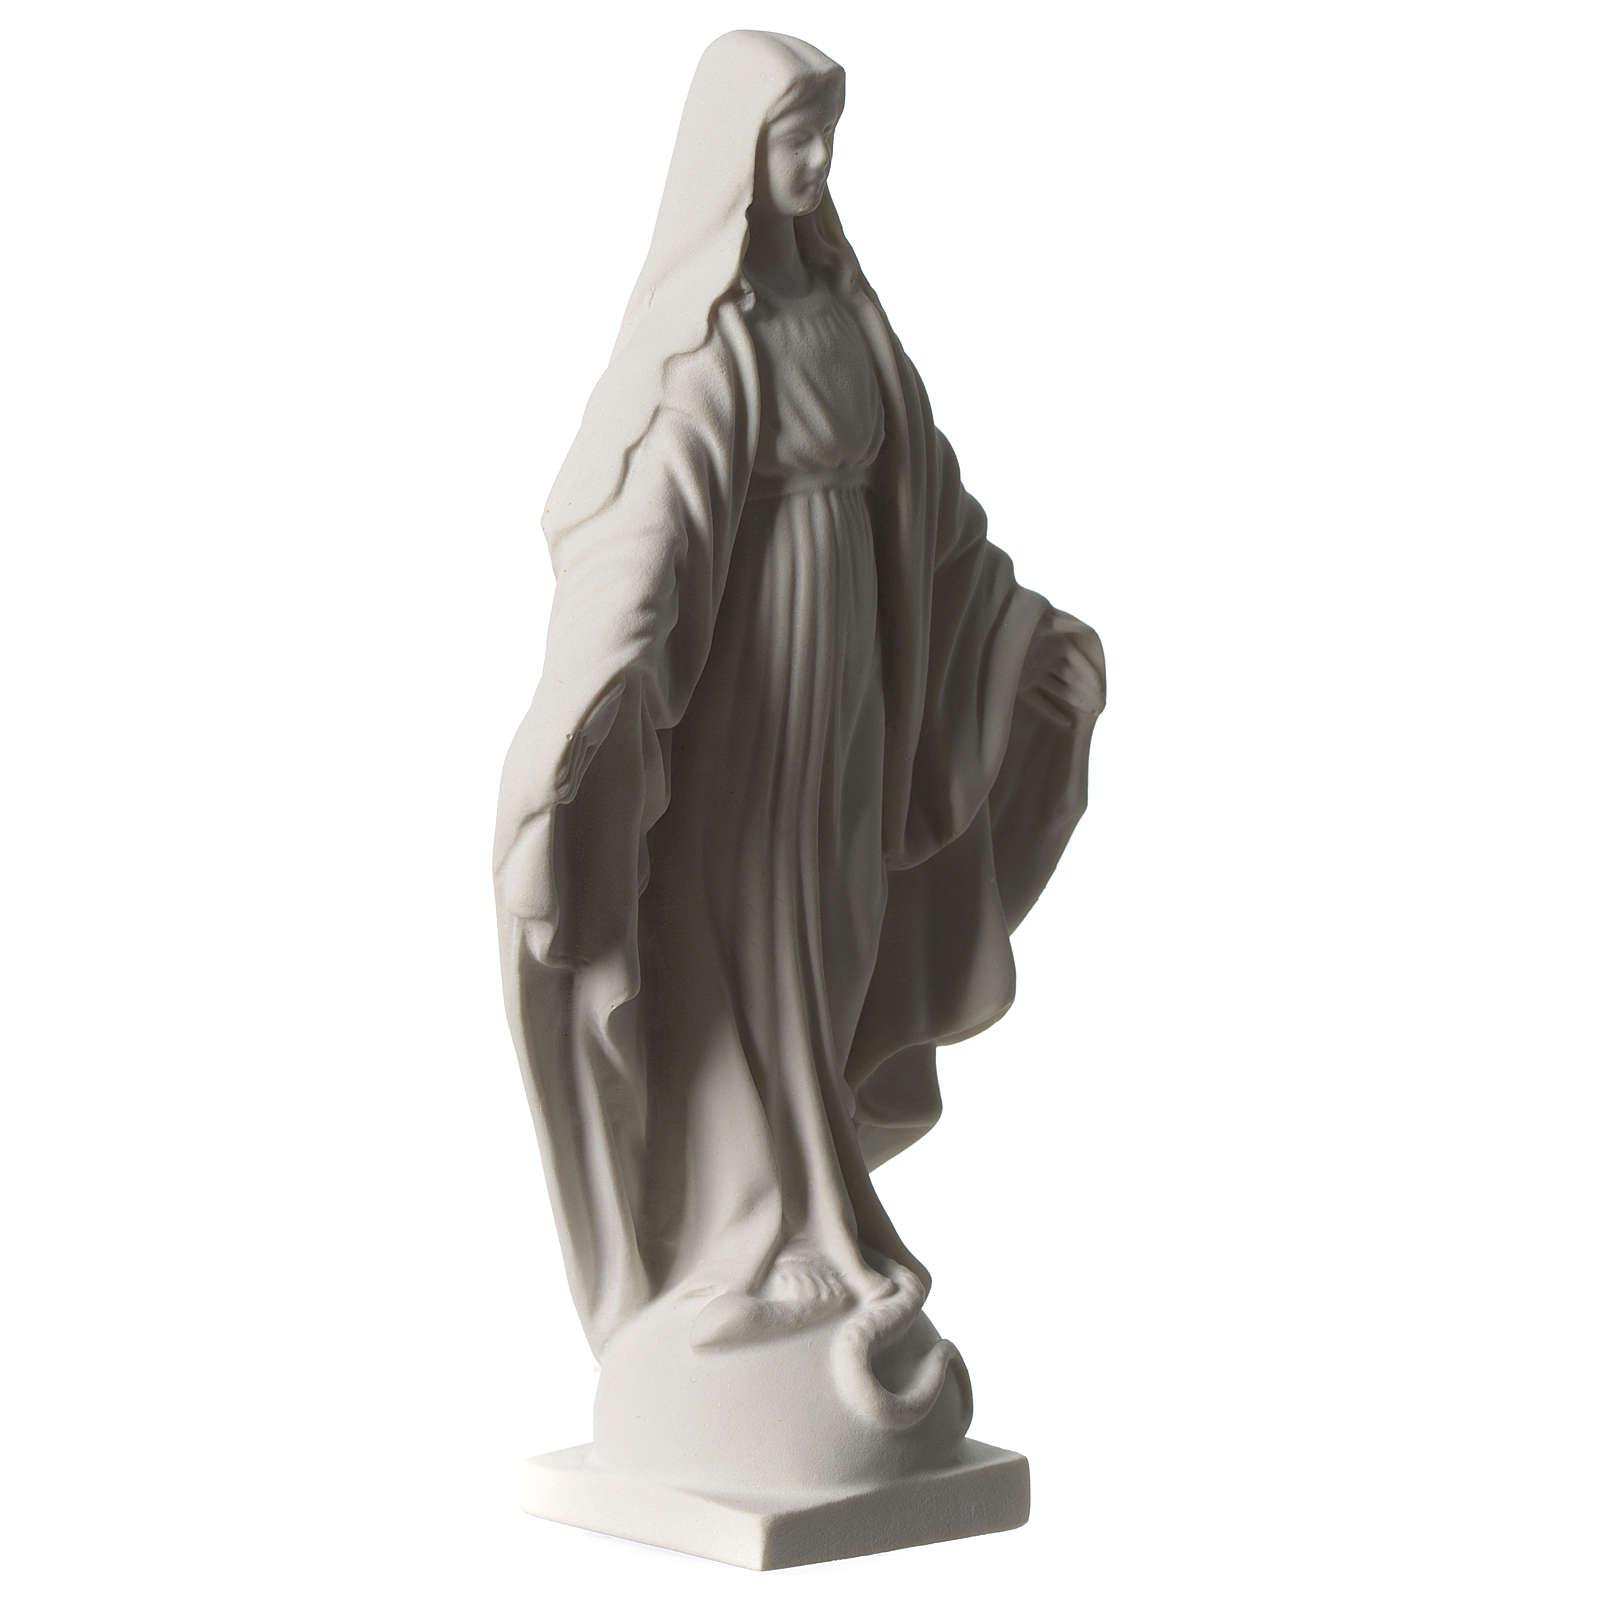 Figurka Cudownej Madonny z marmuru syntetycznego 20 cm 4